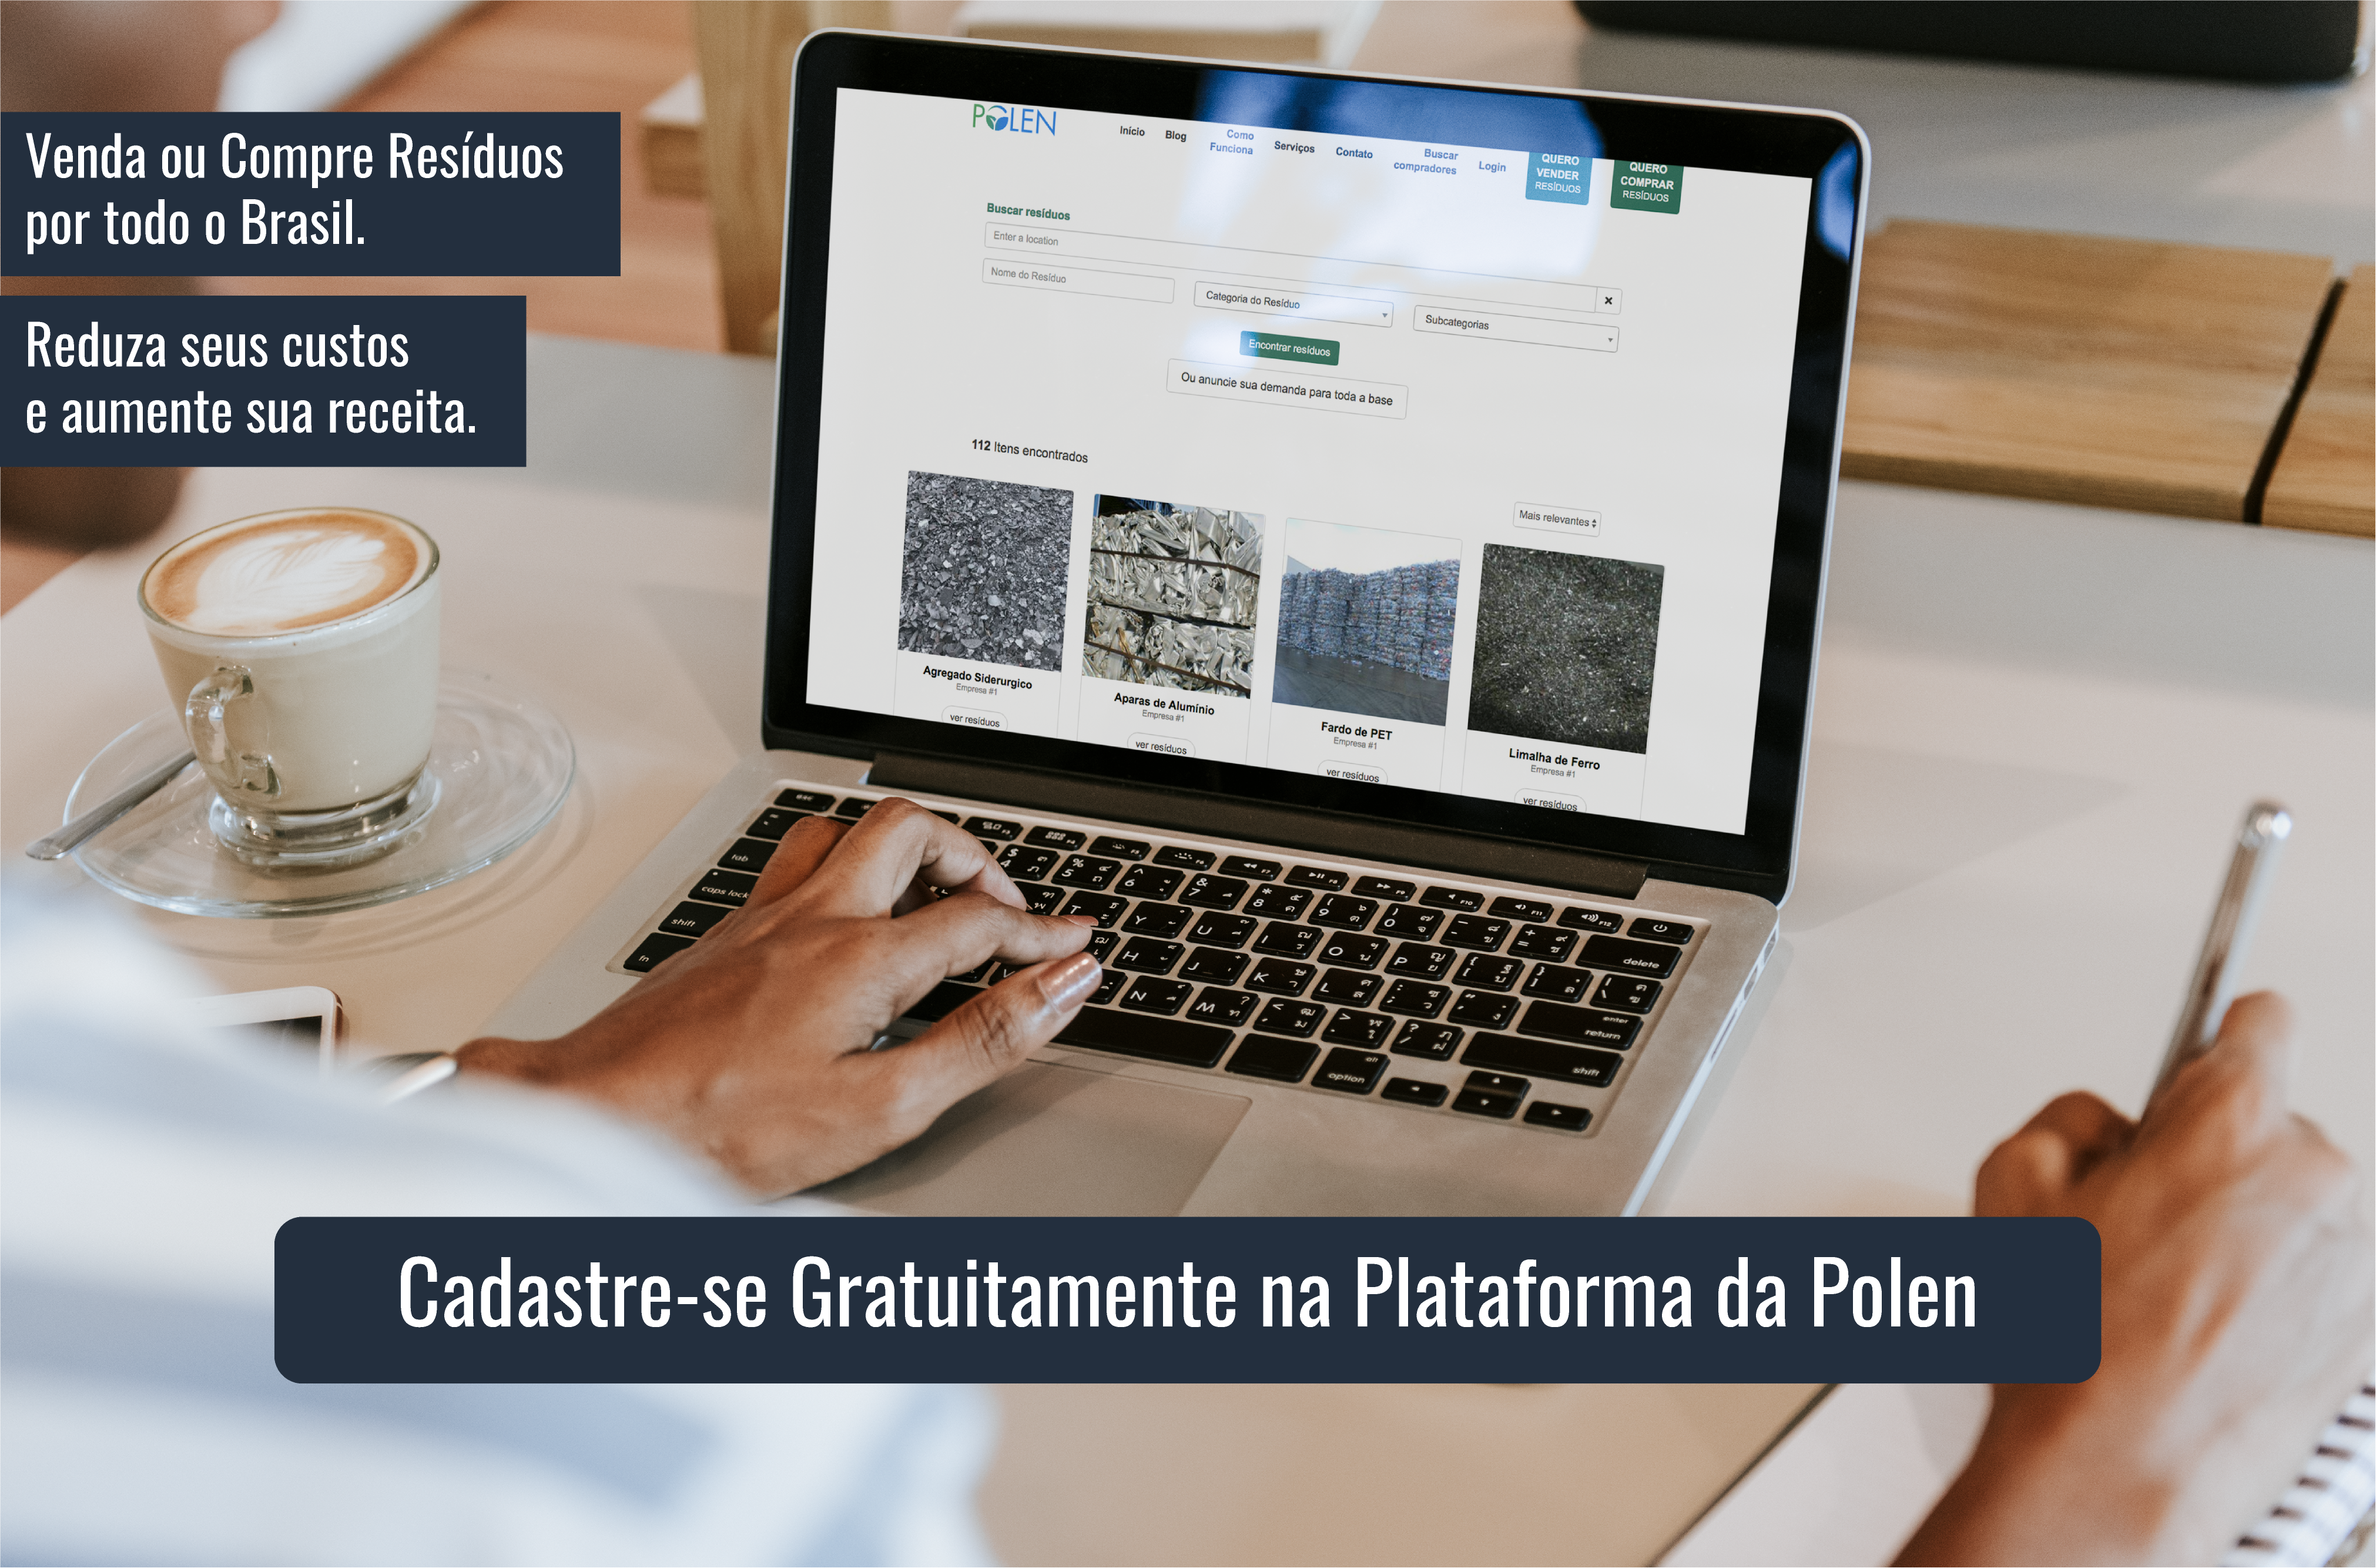 Cadastre-se gratuitamente na Plataforma da Polen!